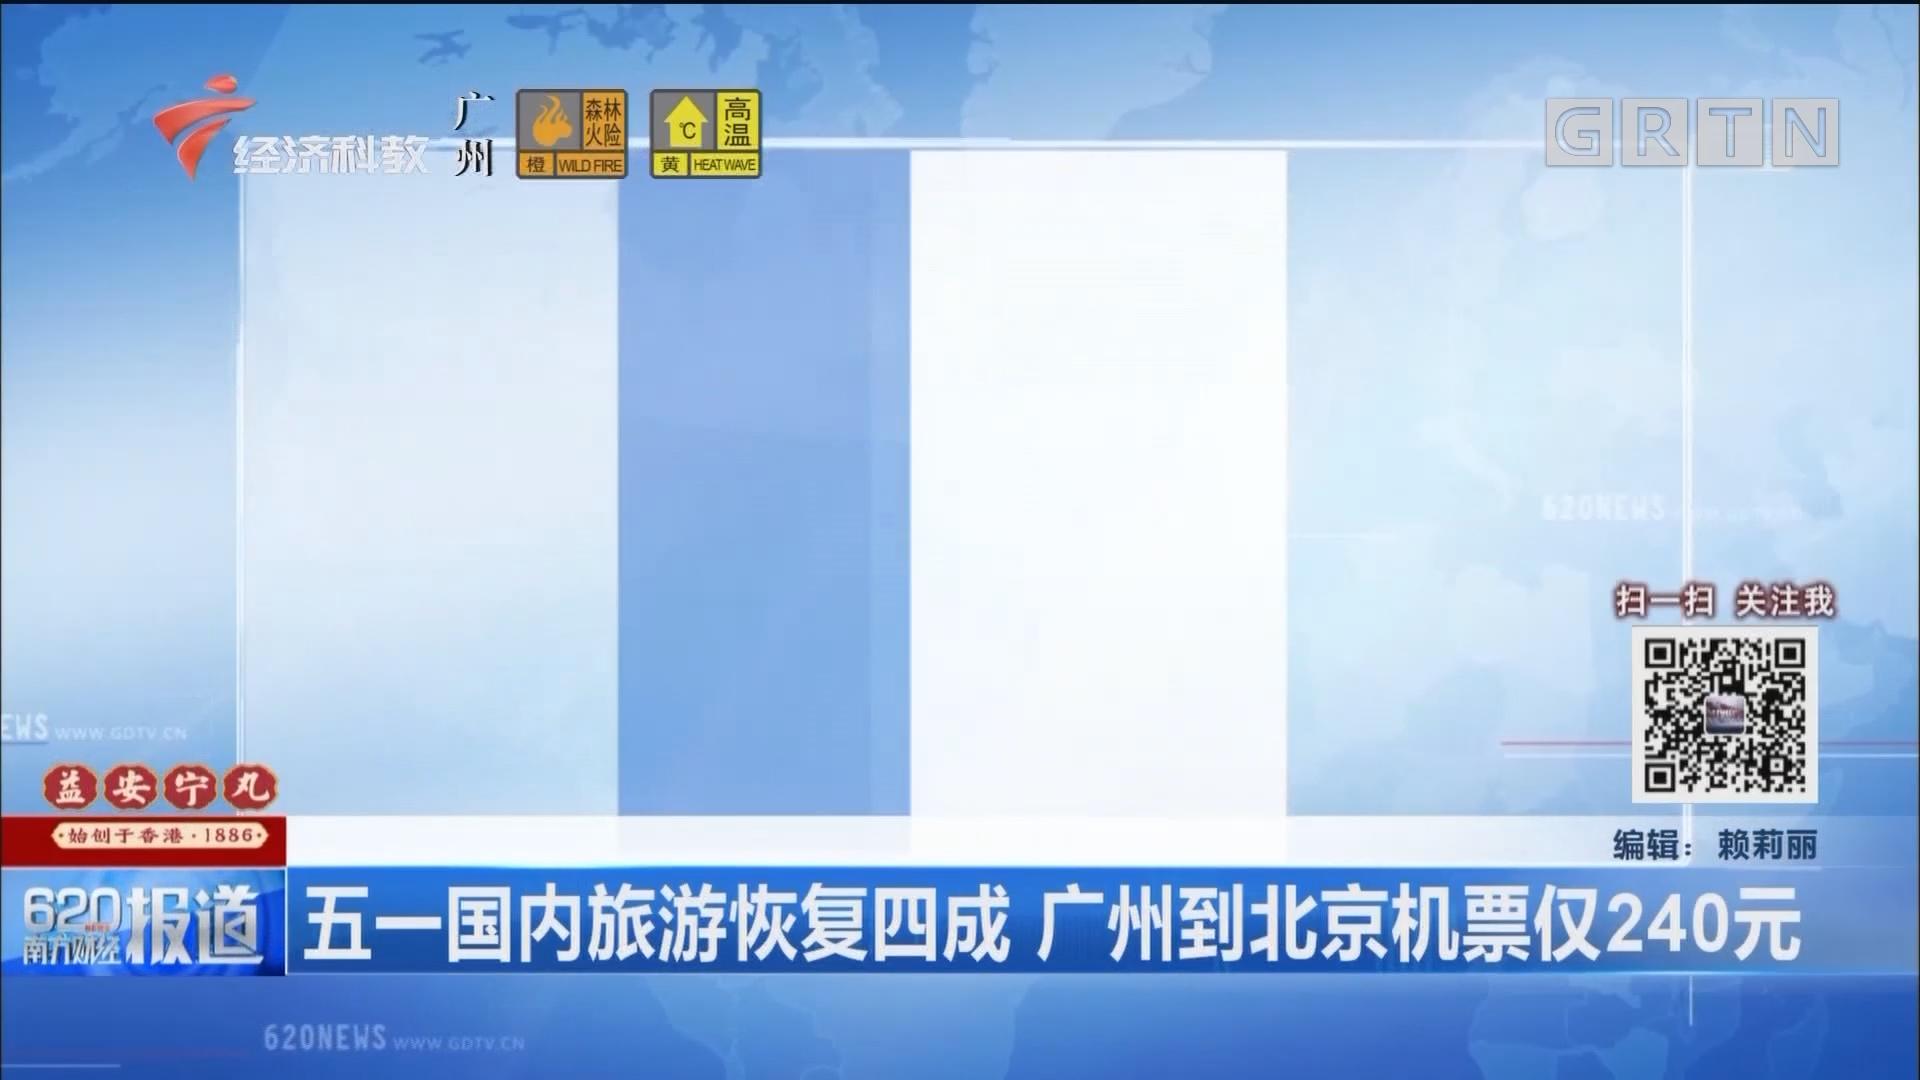 五一國內旅游恢復四成 廣州到北京機票僅240元